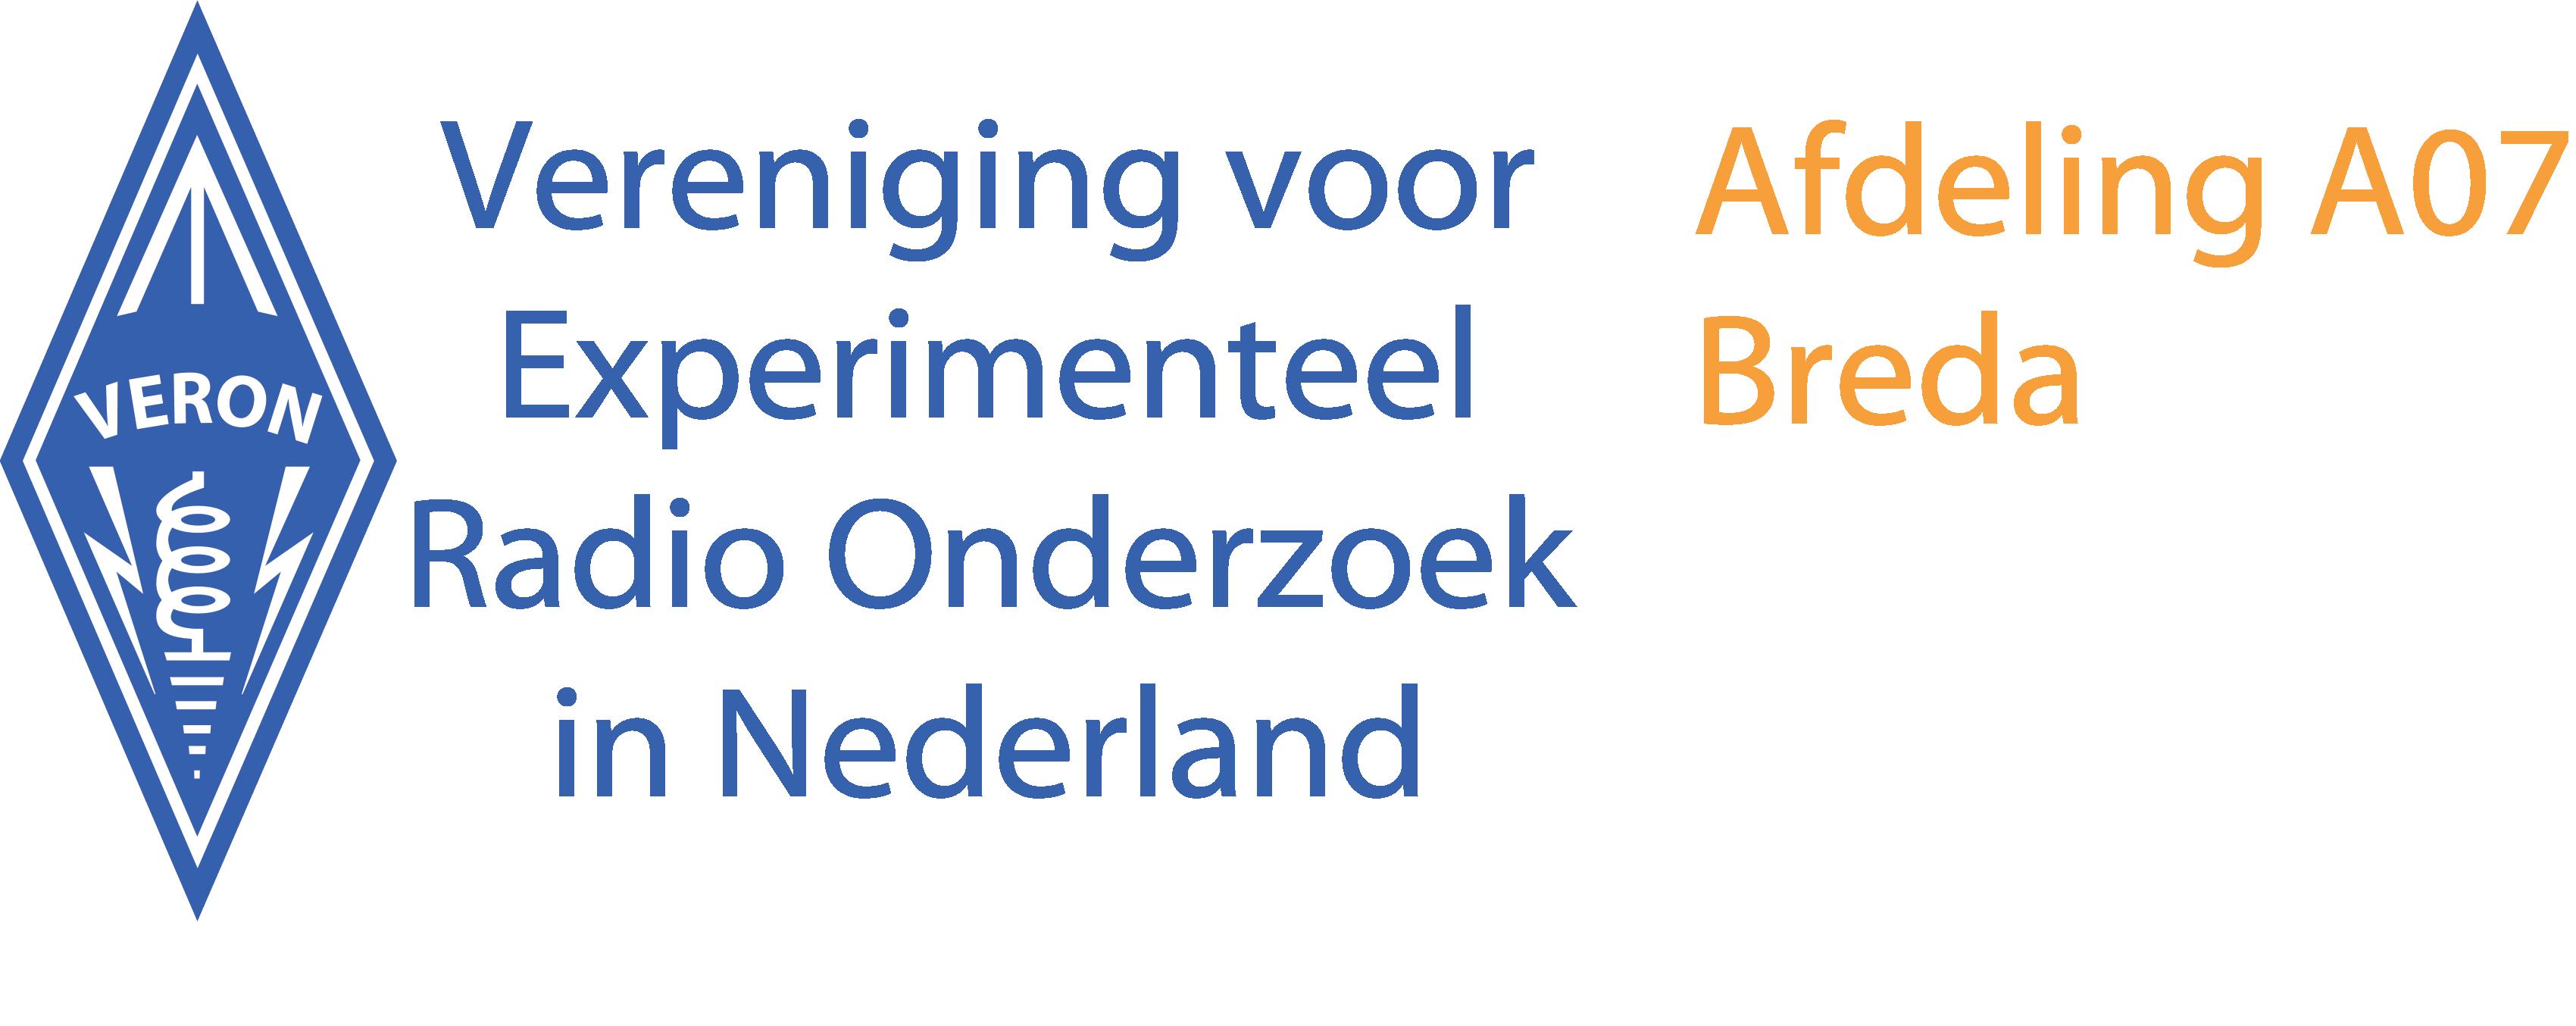 VERON a07 - Breda